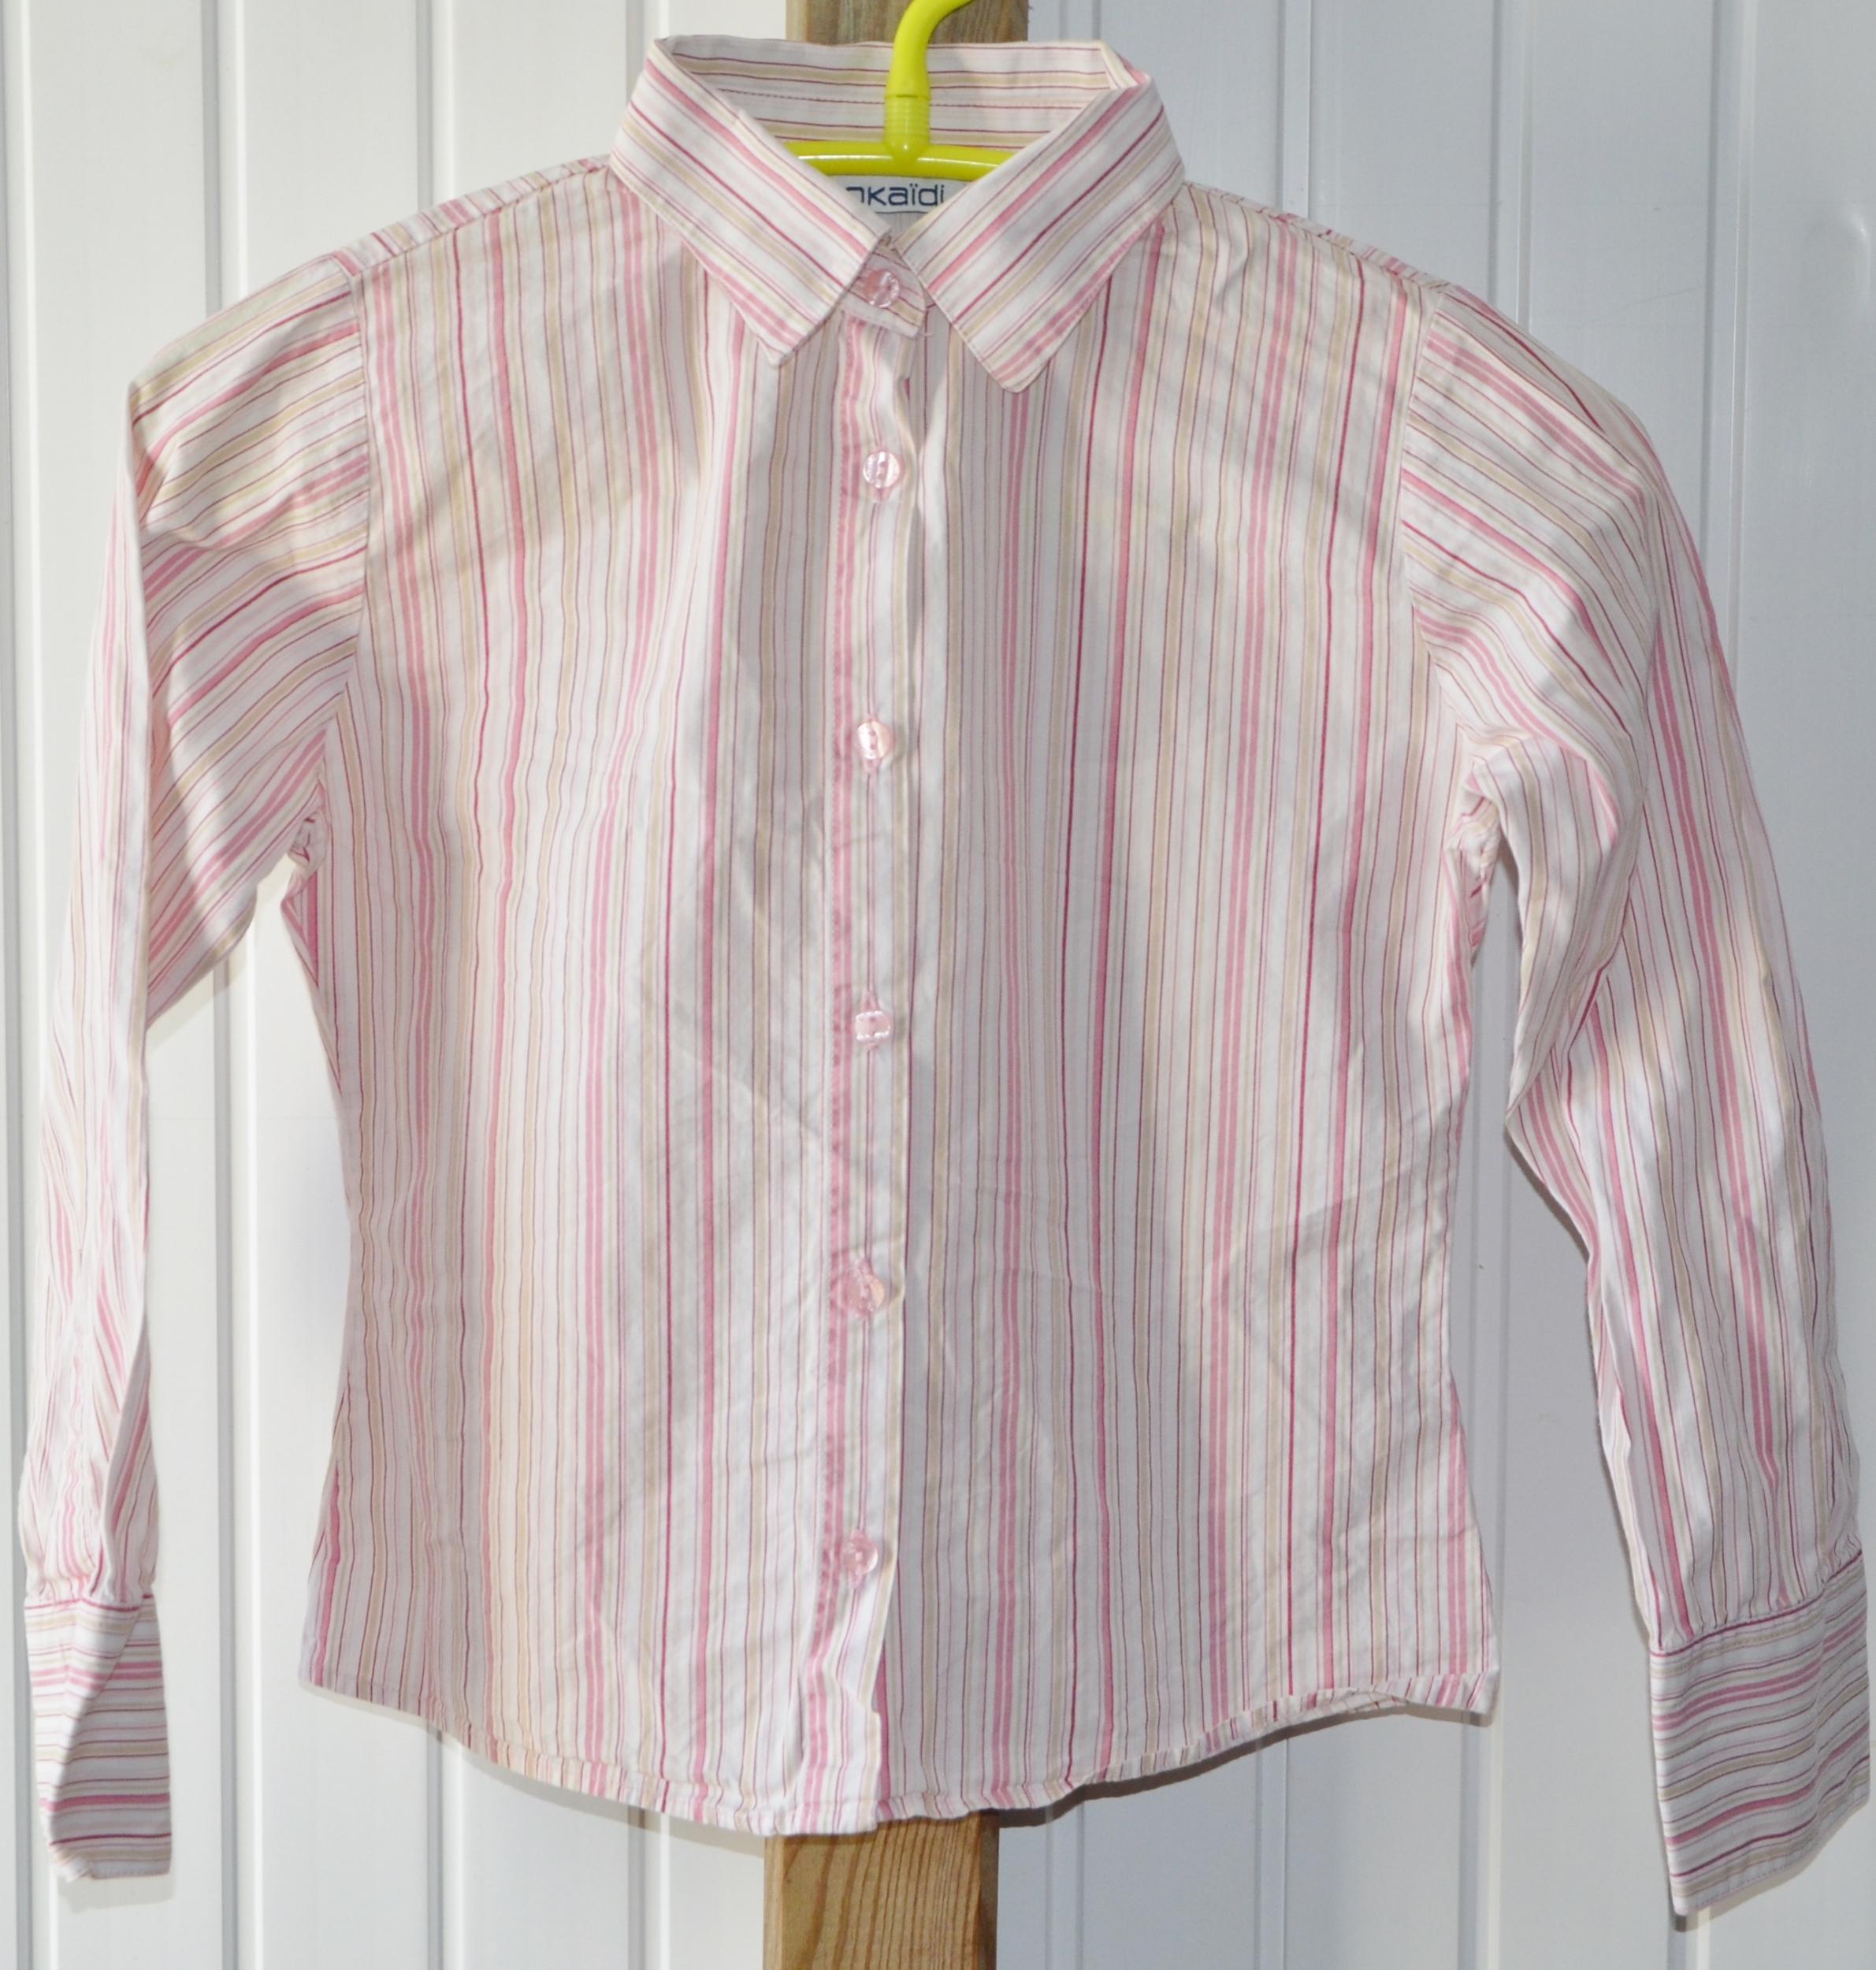 chemise okaidi 10 ans